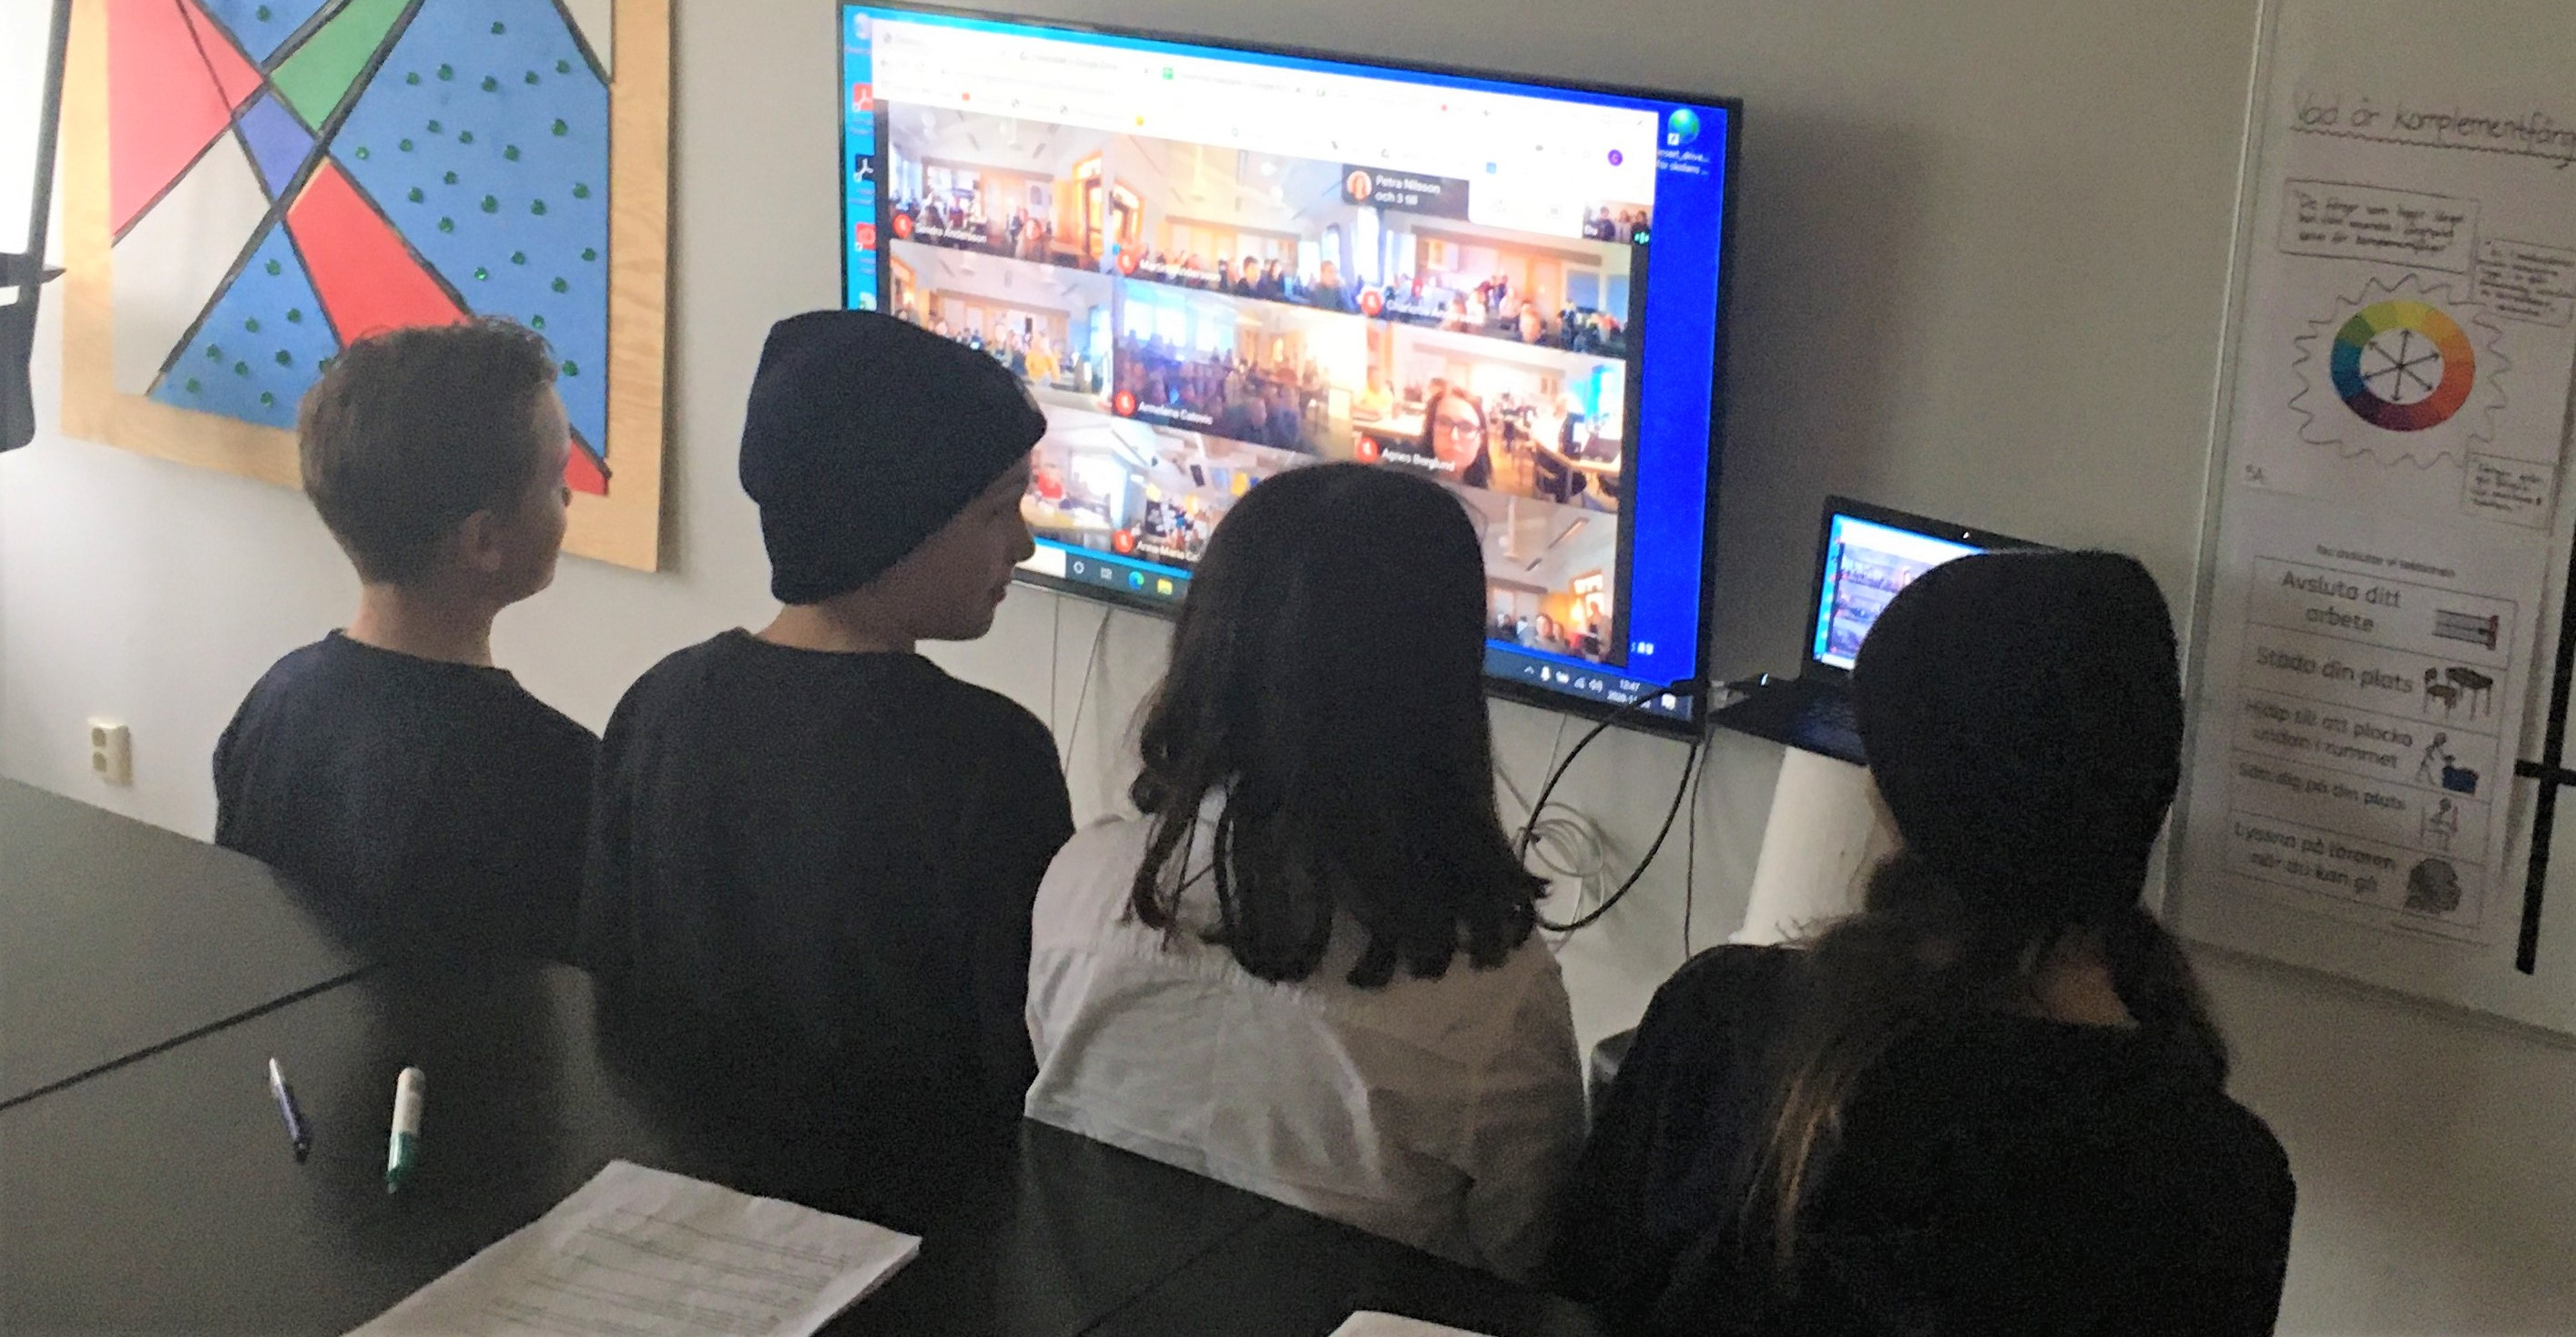 Digitalt möte & rastaktiviteter gav gemenskap